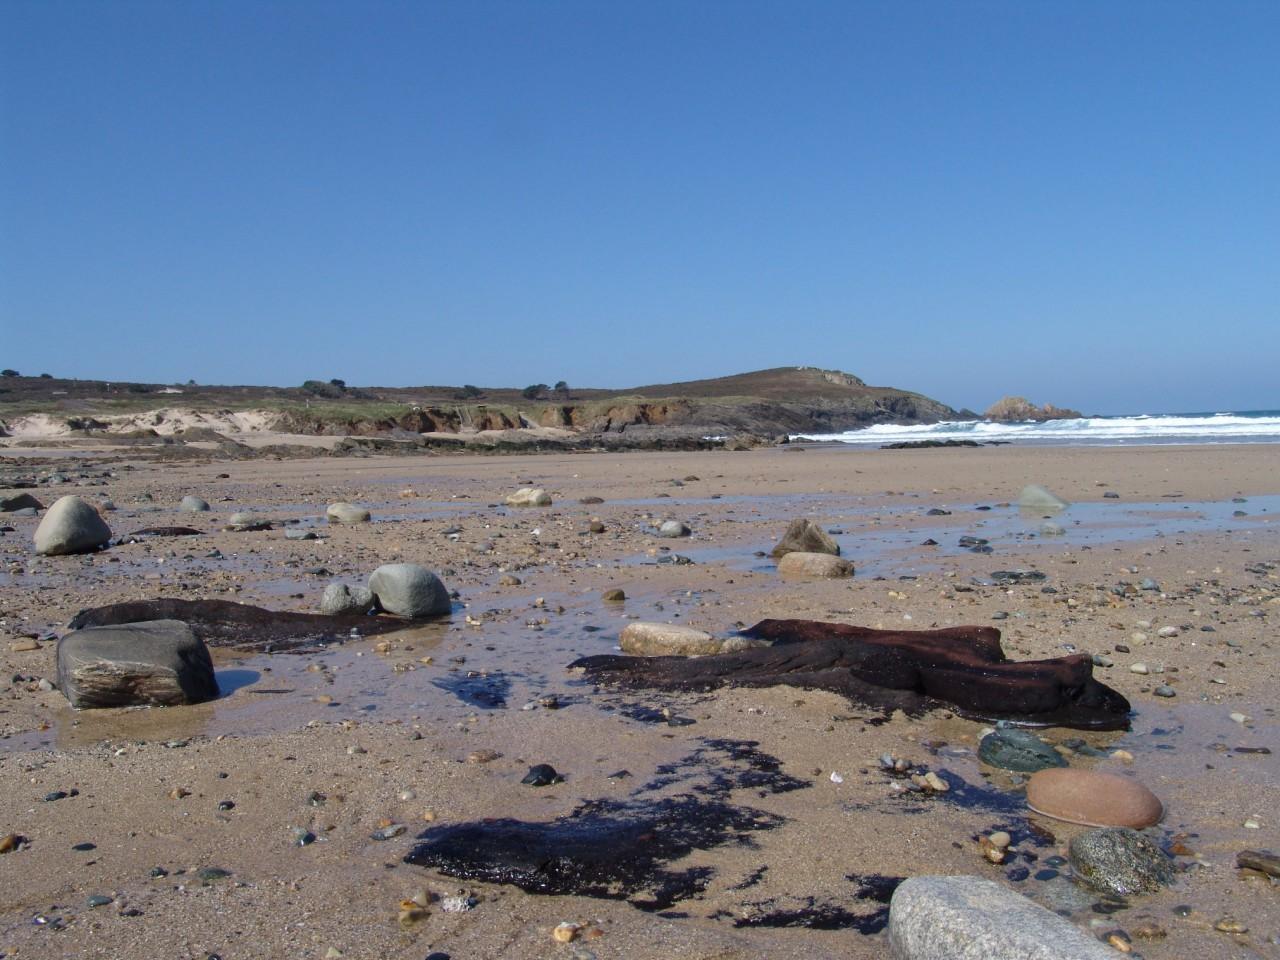 Restos de un bosque carbonizado en la playa de Ponzos (marzo 2016)